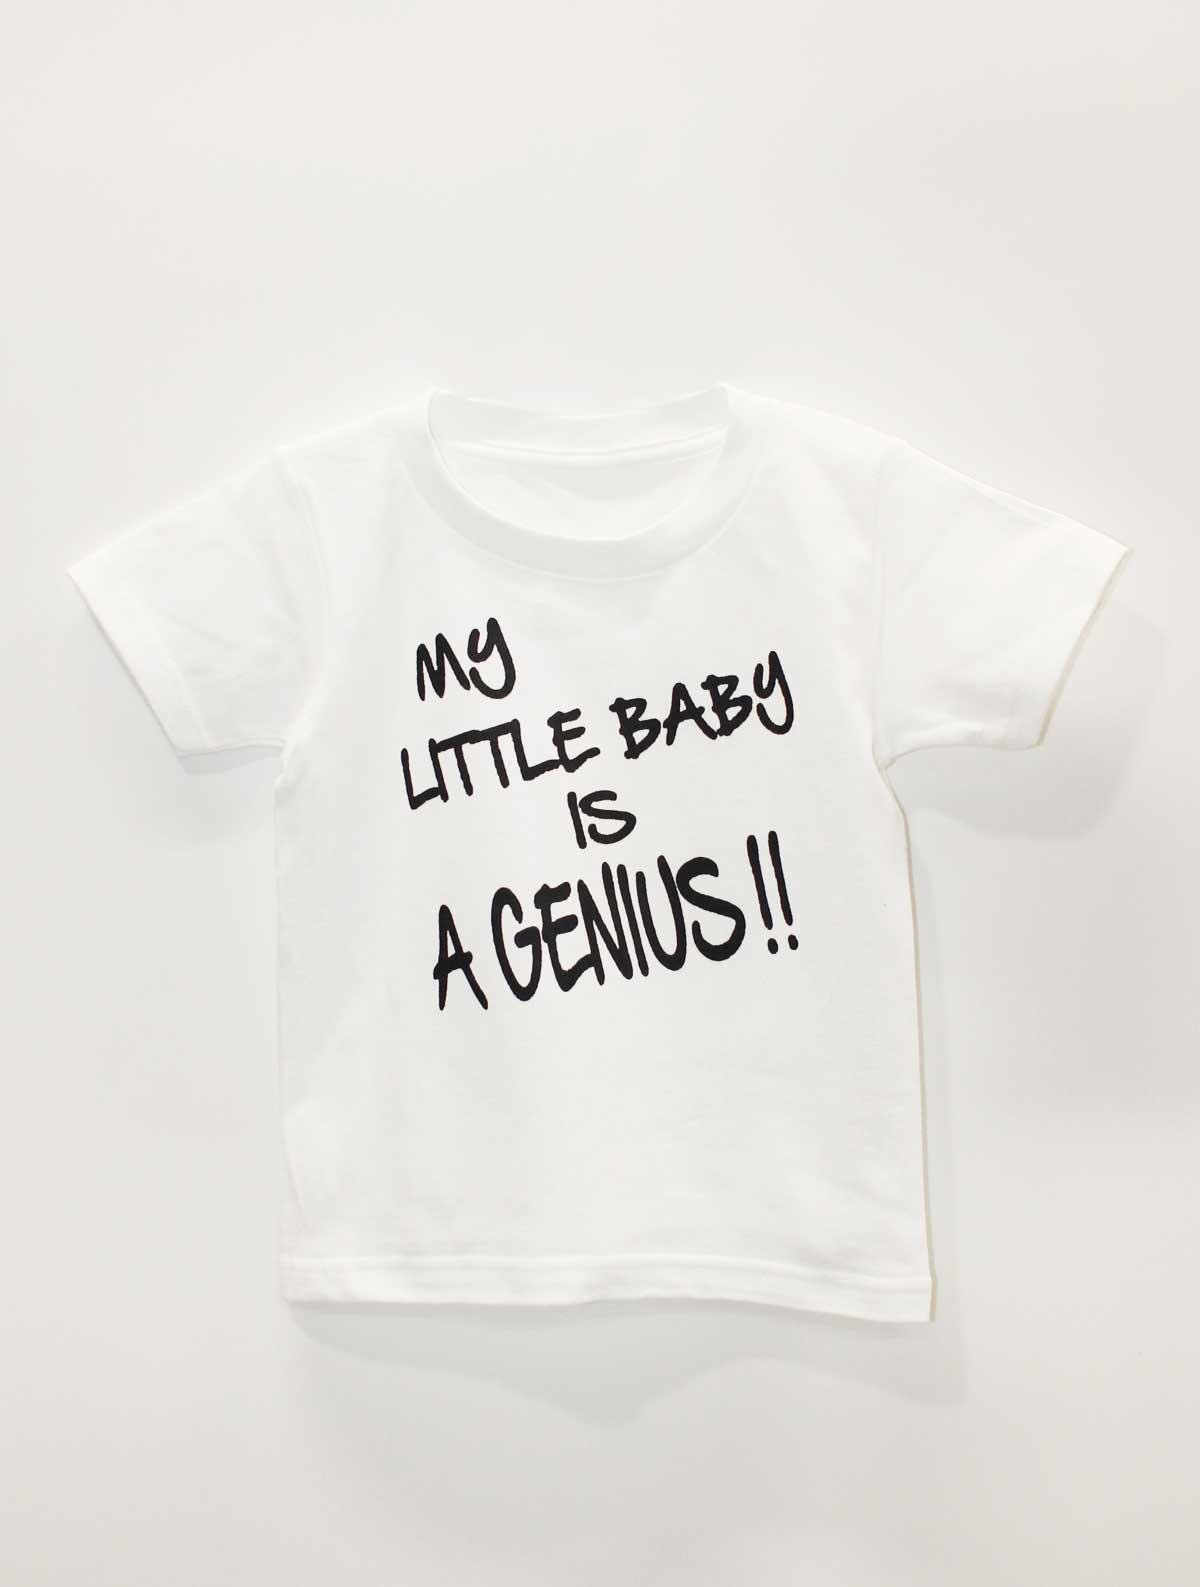 「ウチの子天才‼︎」/  MY LITTLE BABY IS A GENIUS!!